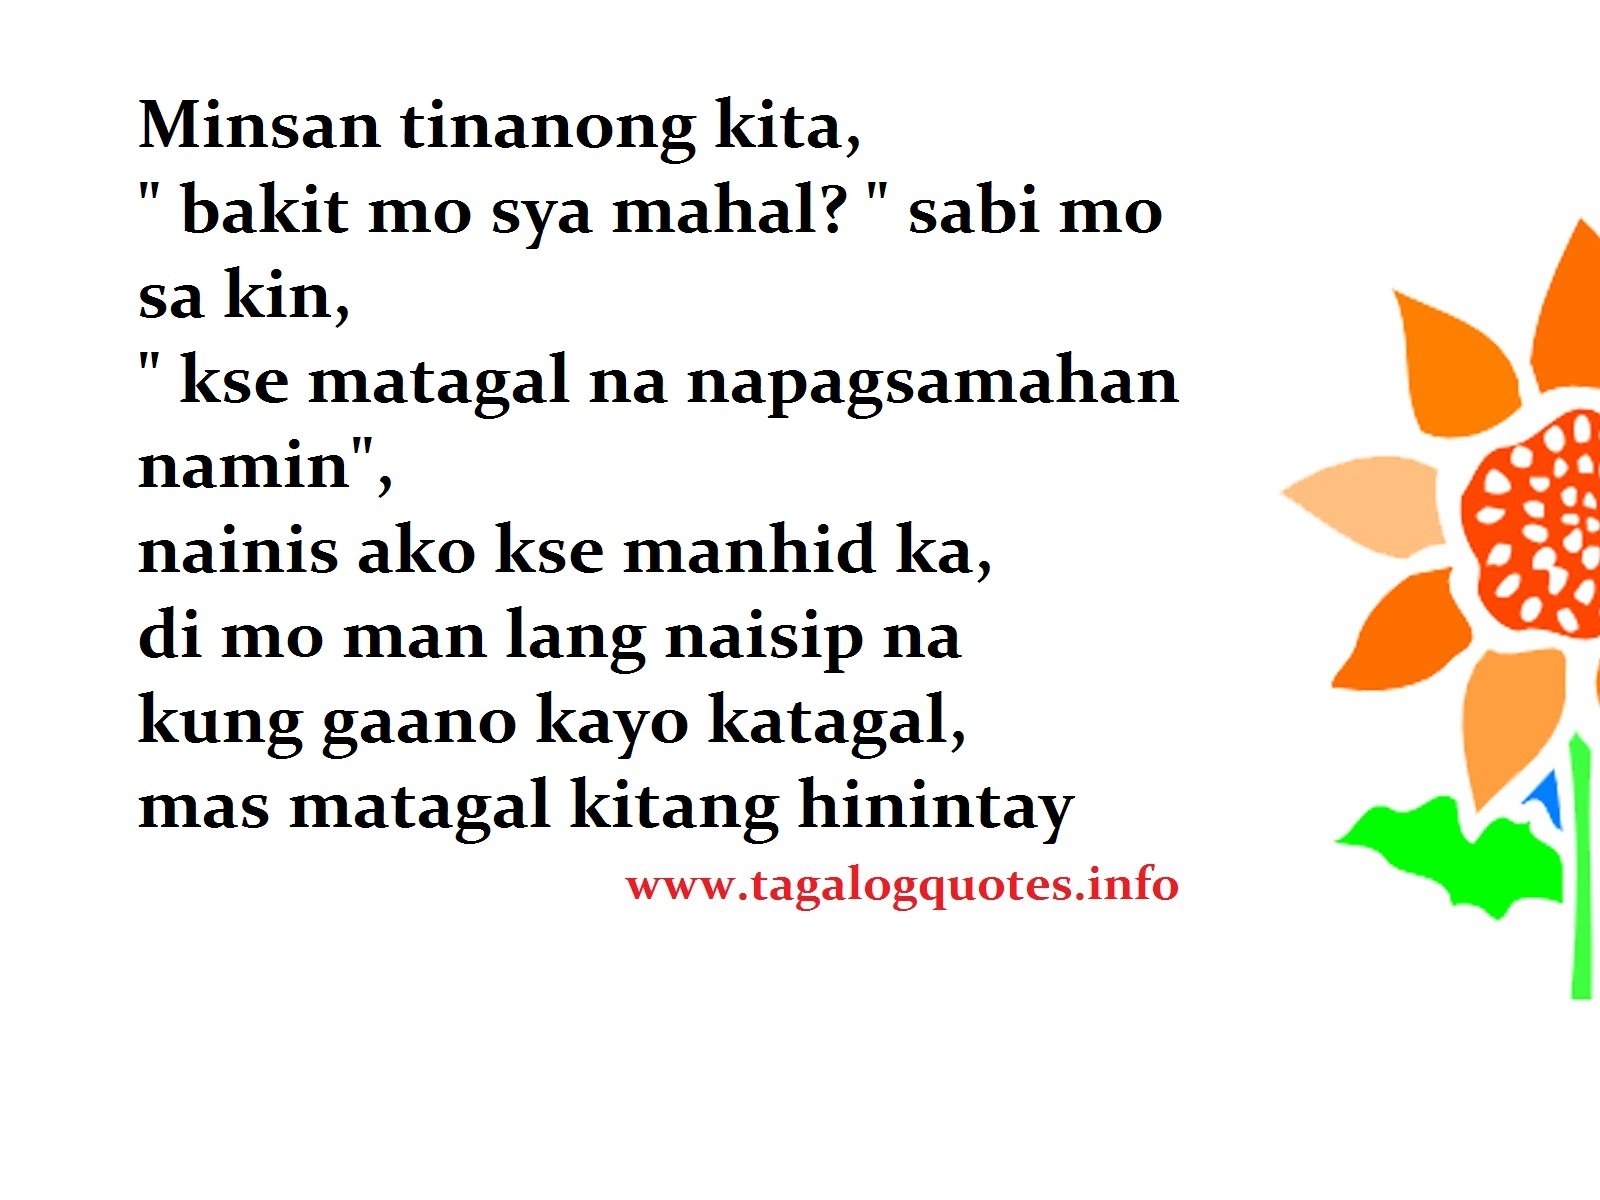 mahal kita quotes tagalog quotesgram